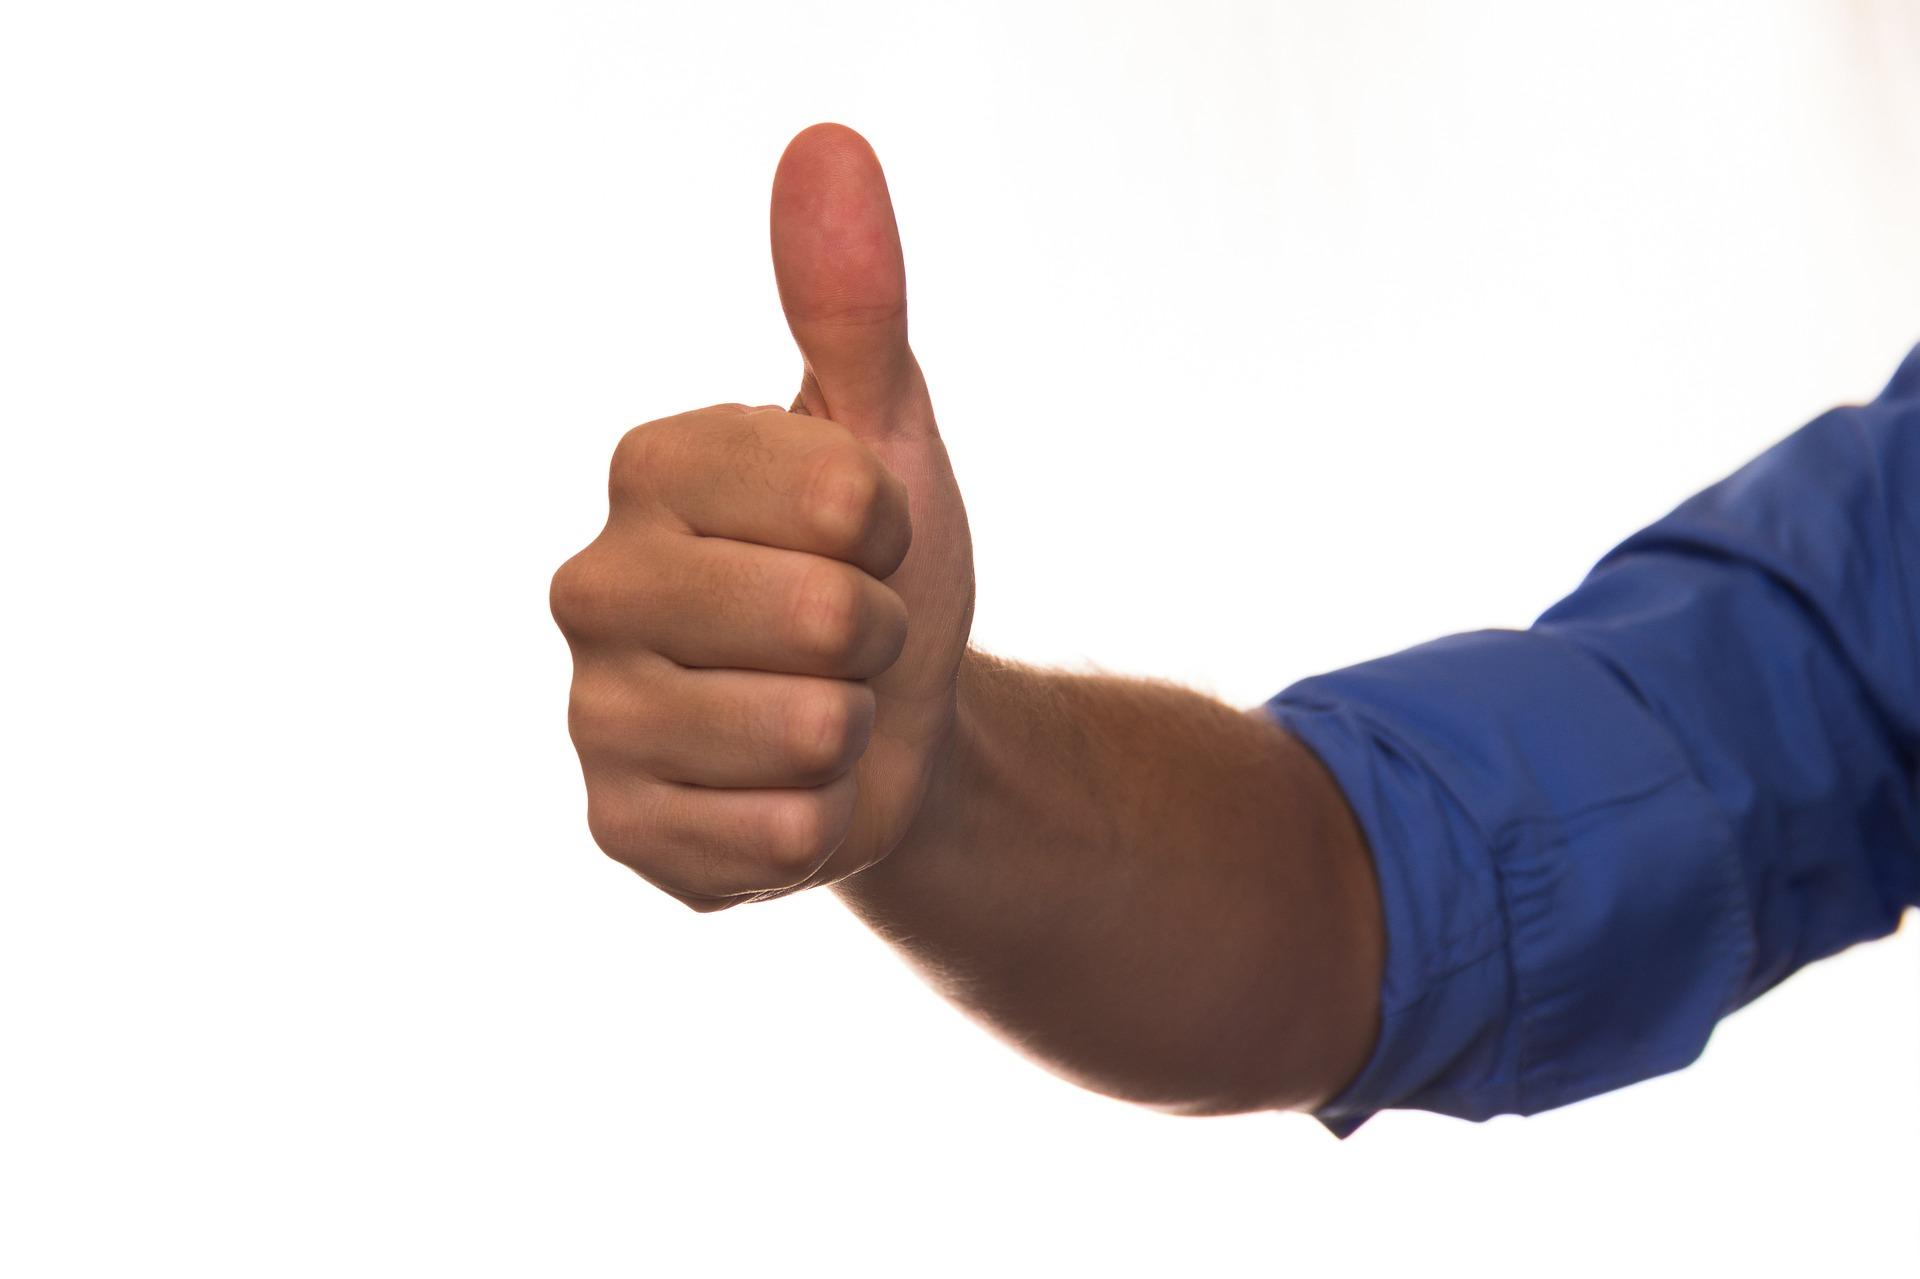 フリーランスなら絶対に抑えておくべき2つの仕事獲得サイト!